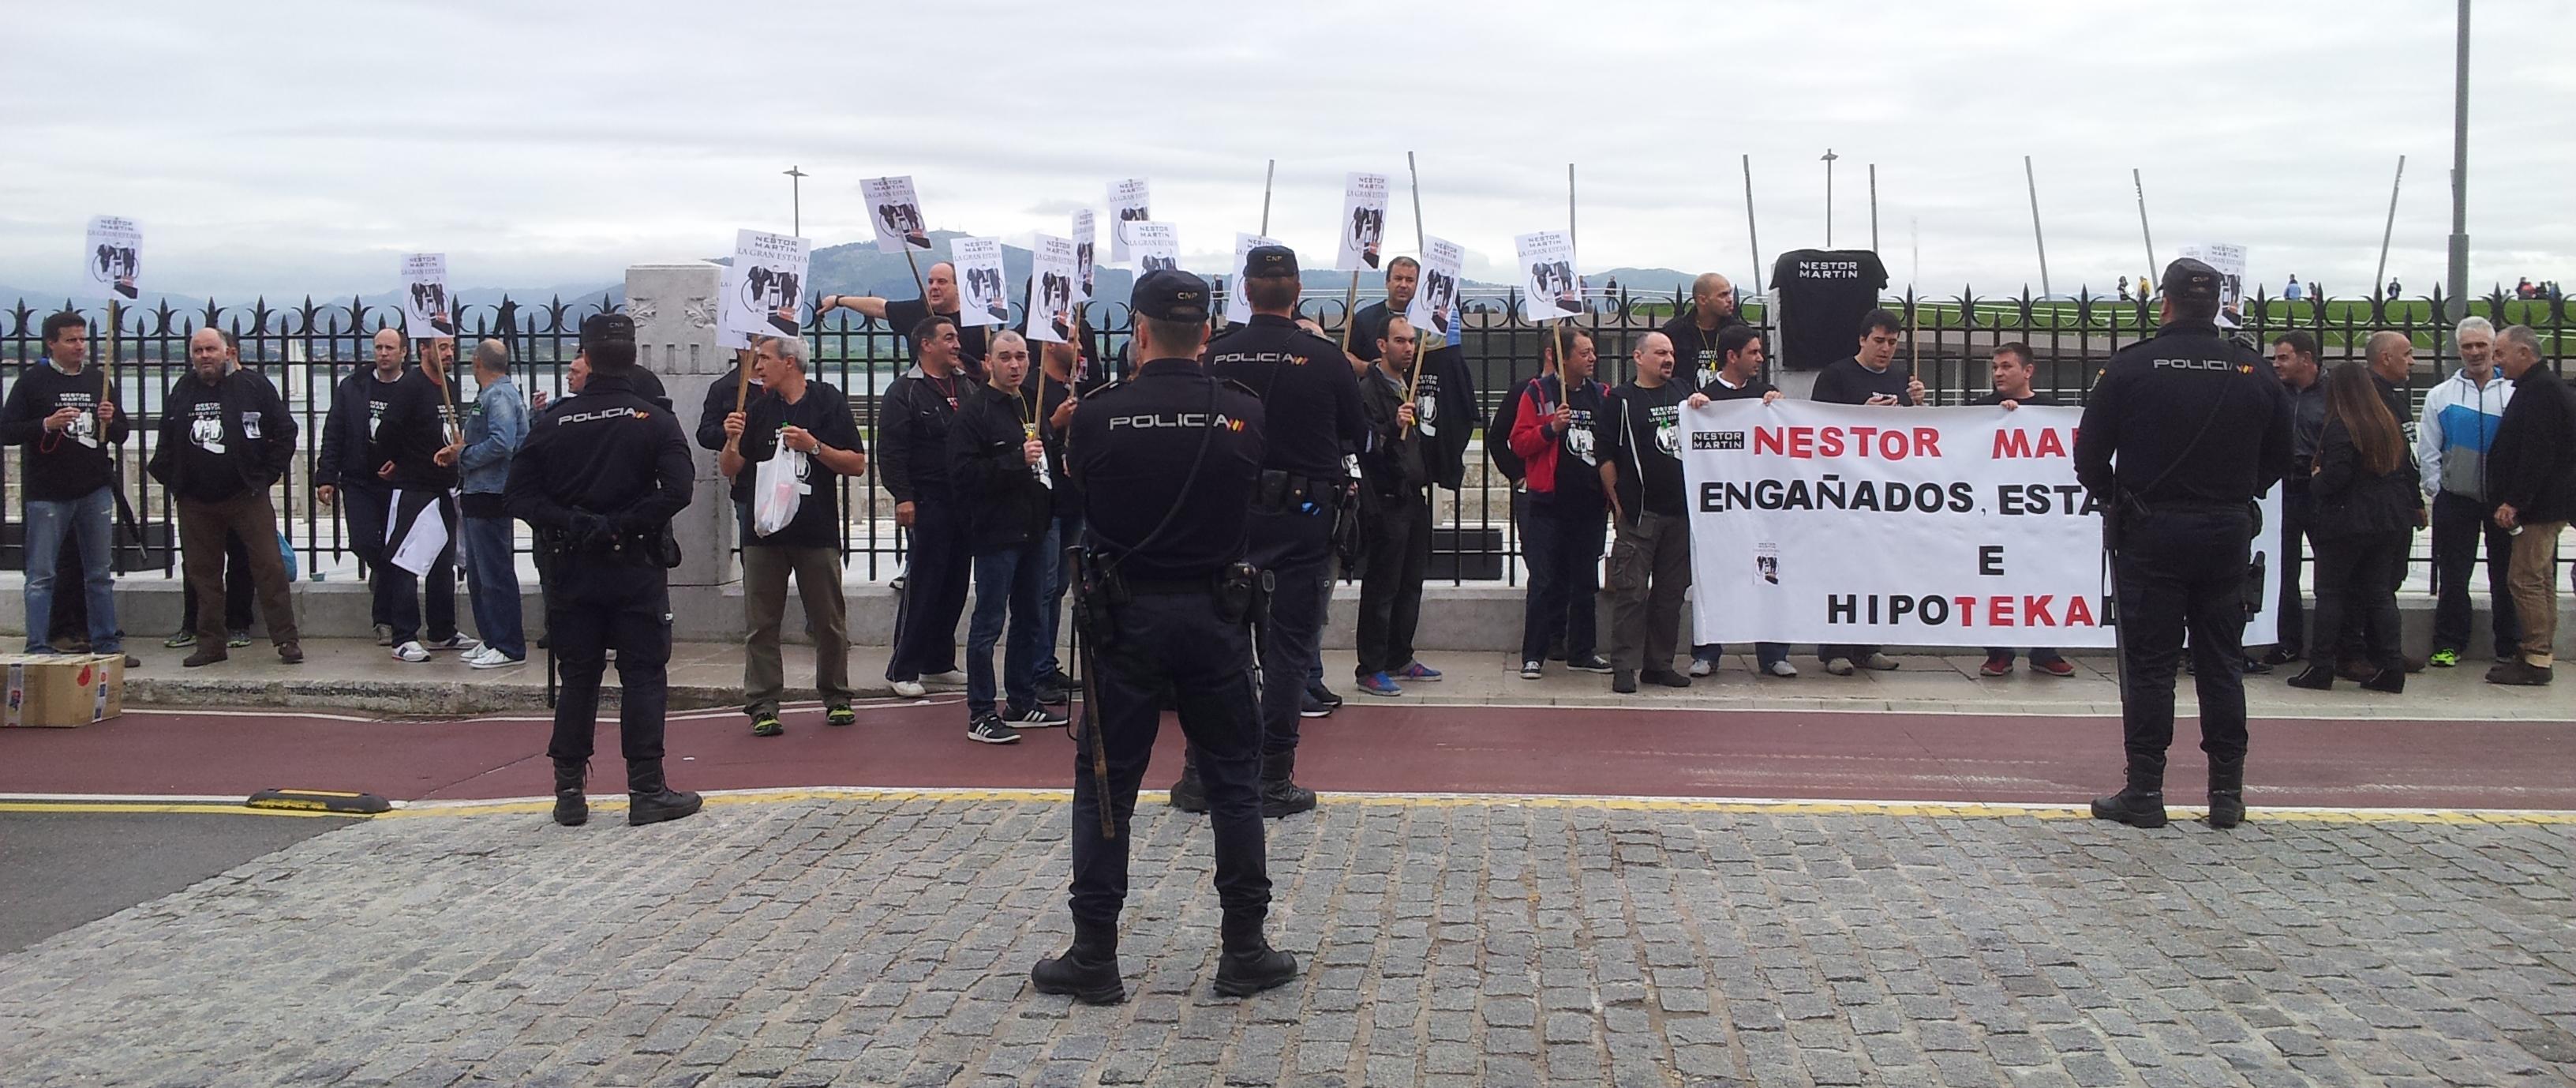 Durante la campaña electoral, los trabajadores trataron de protestar en un mitin de Mariano Rajoy, pero la fuerte presencia policial les impidió acercarse al presidente.